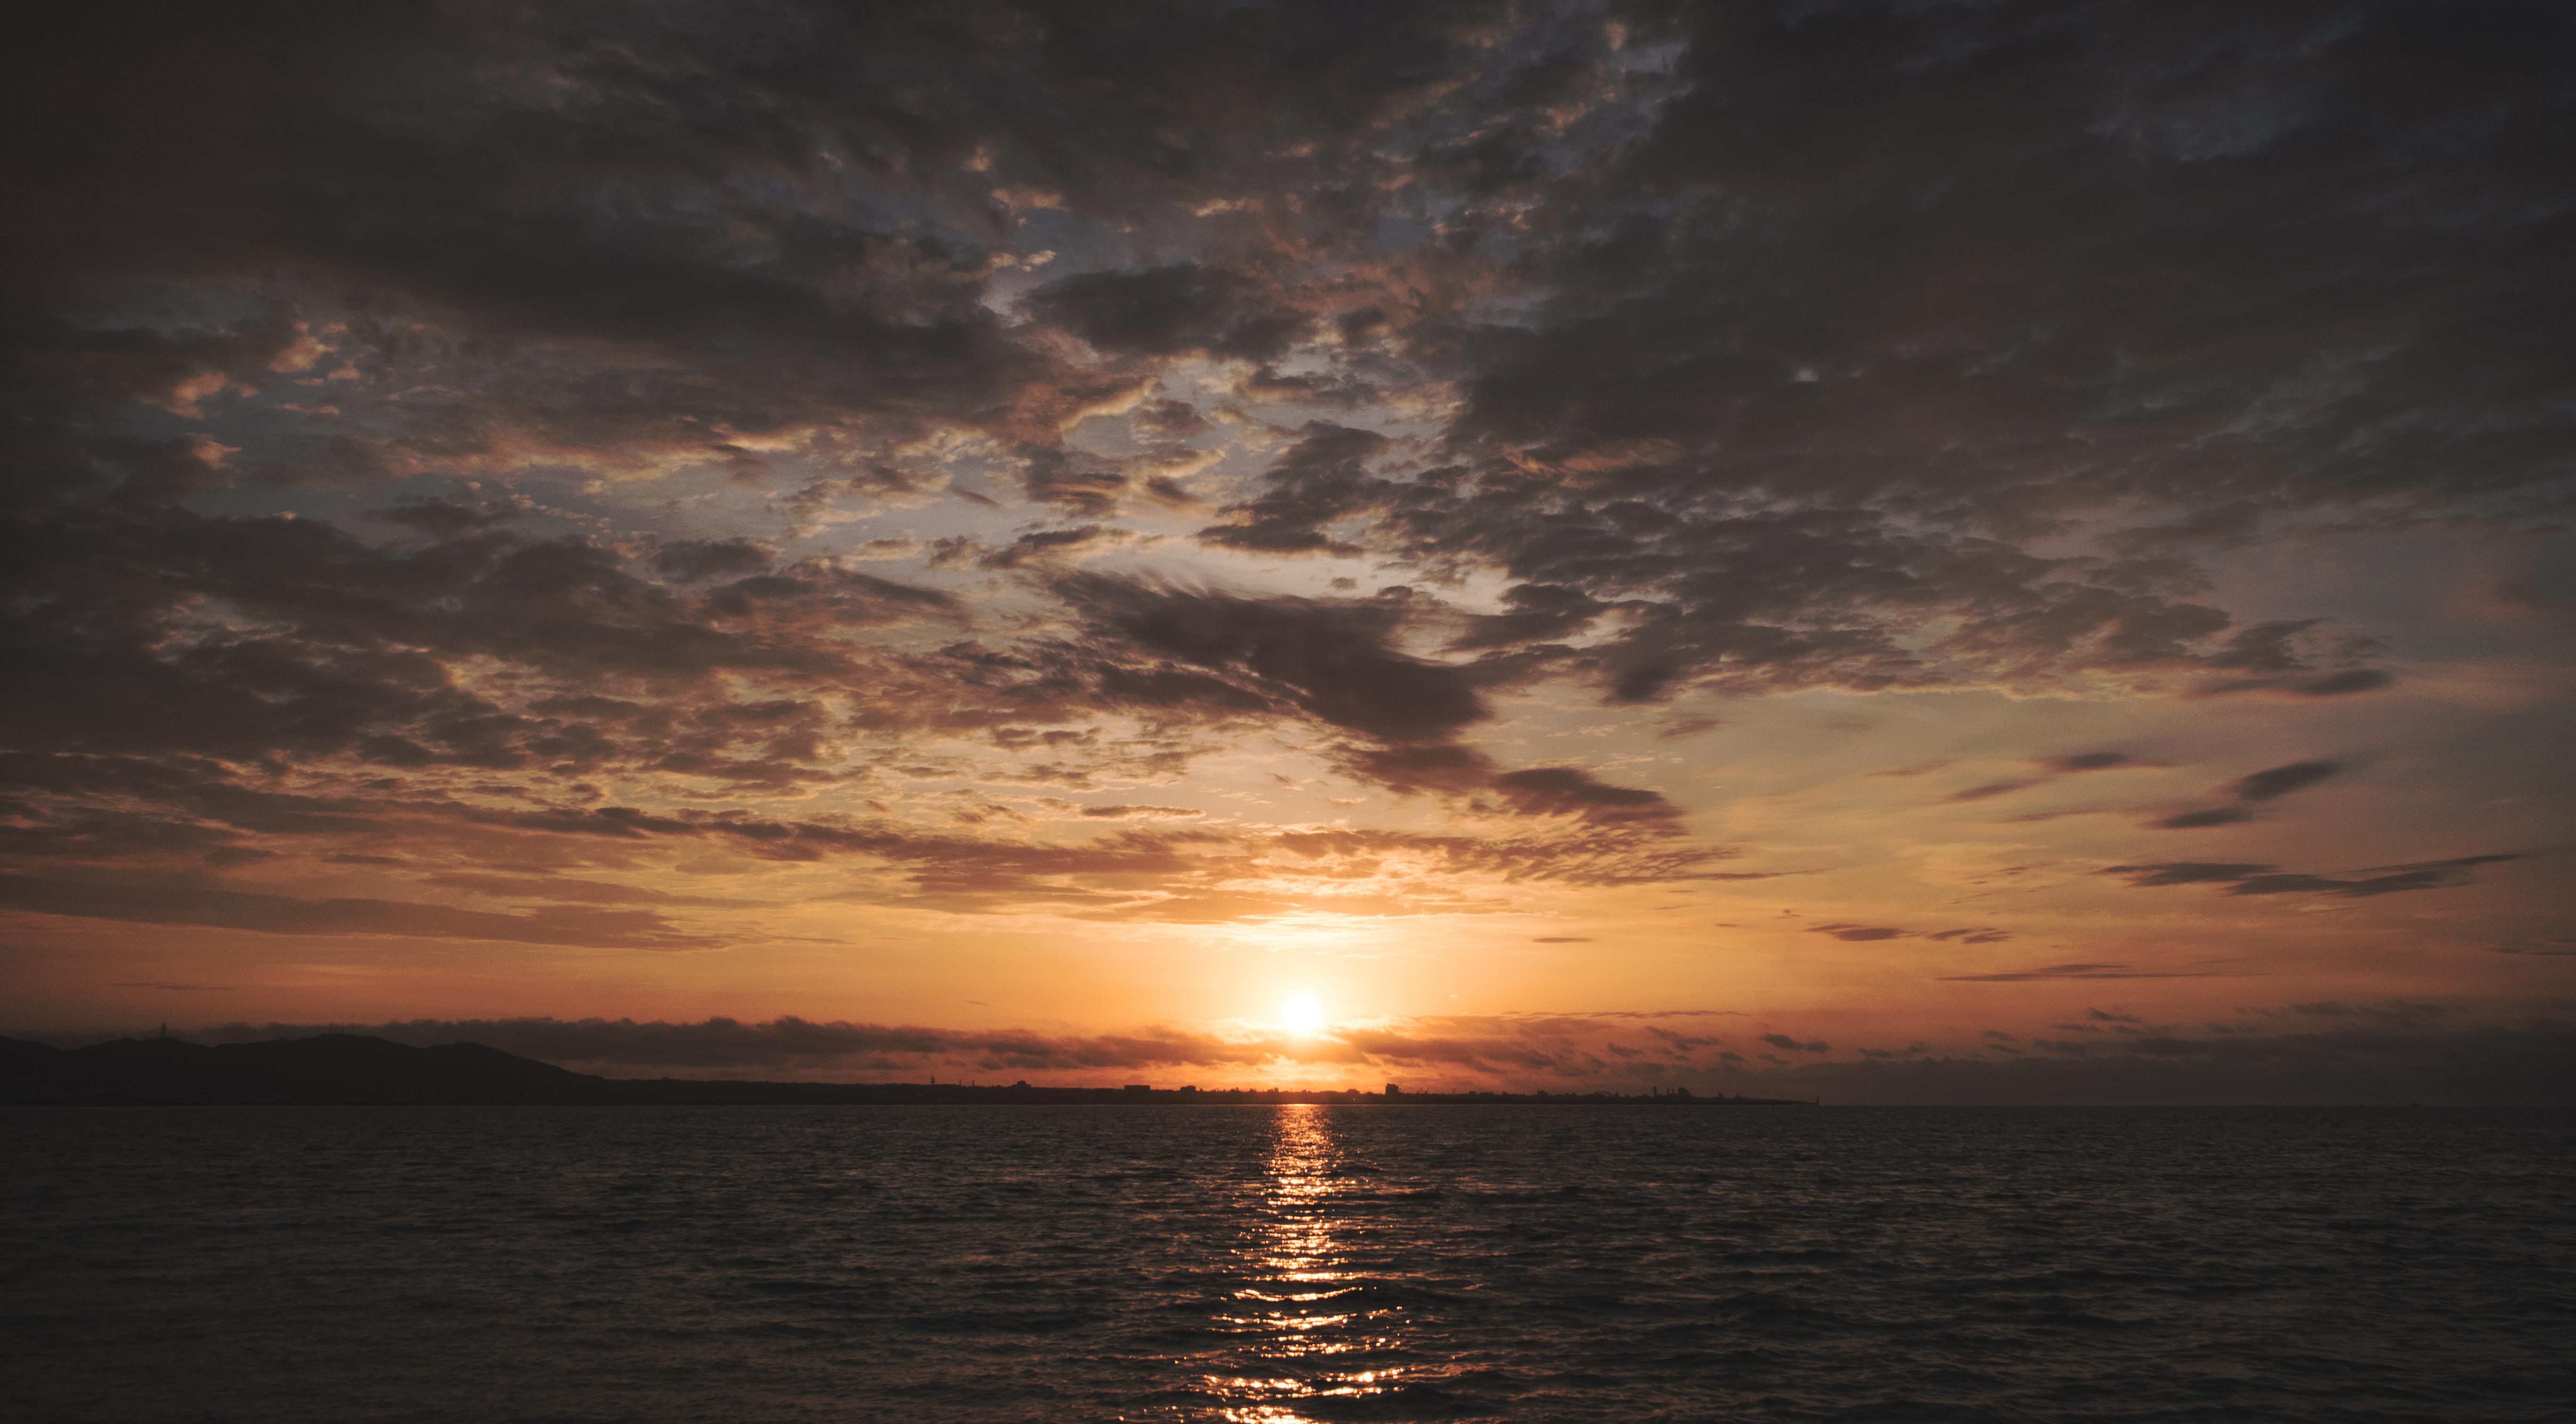 58993 скачать обои Природа, Море, Горизонт, Закат, Солнце - заставки и картинки бесплатно